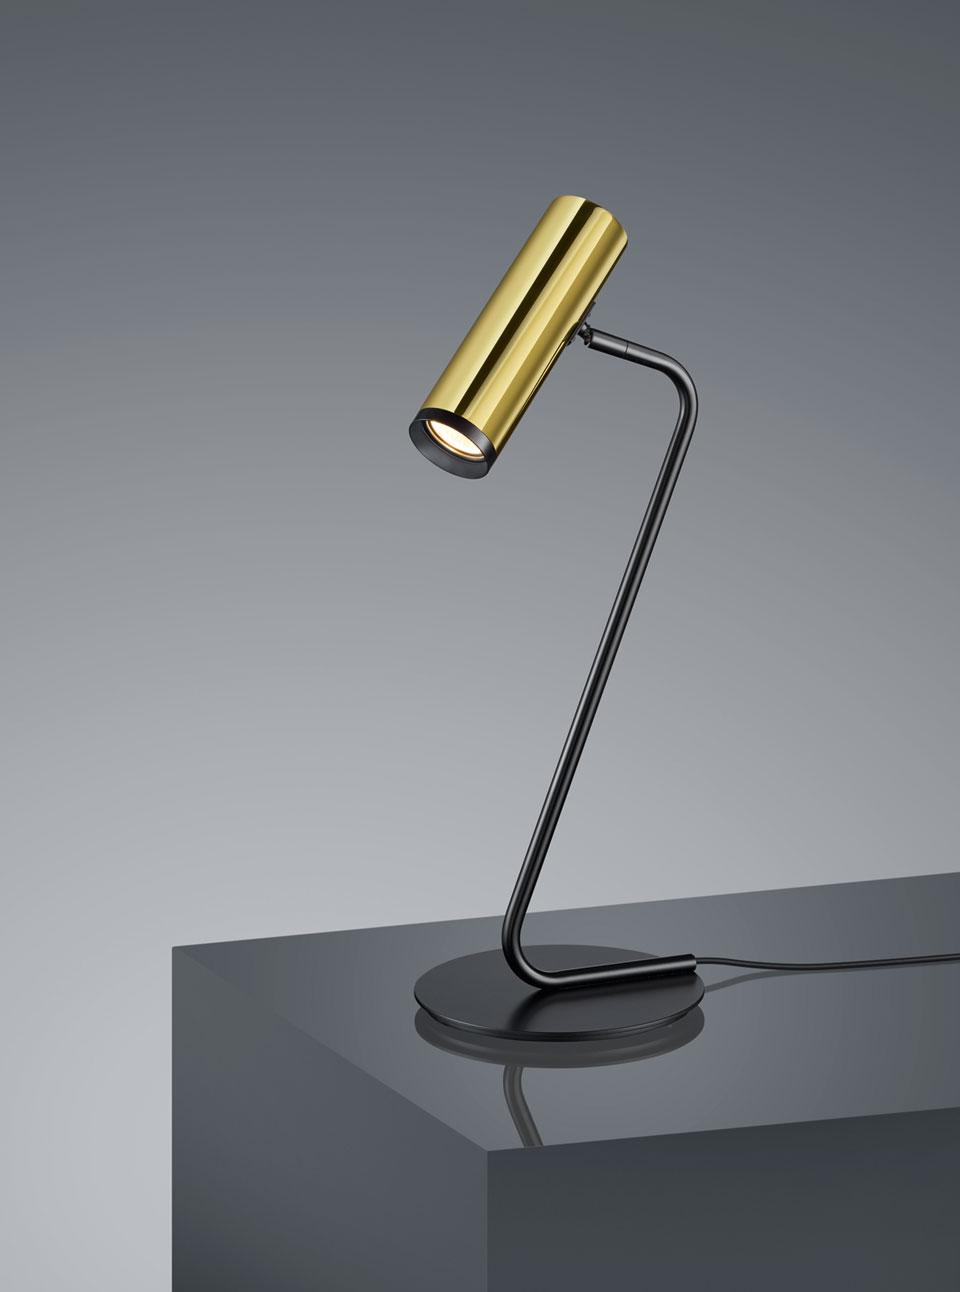 Lampe de table design noire